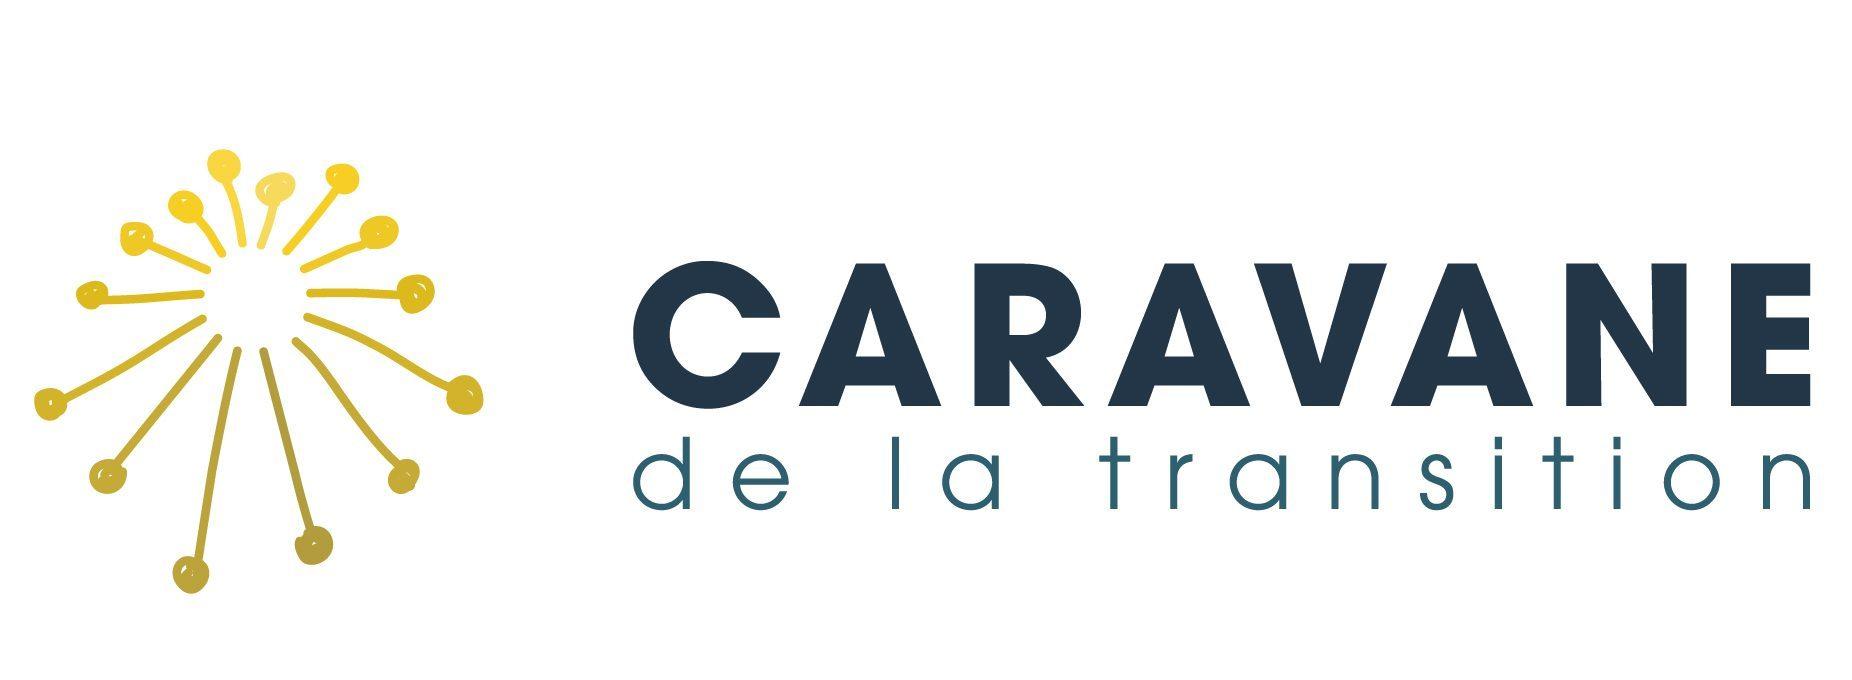 Caravane de la transition_Plan de travail 1 copie